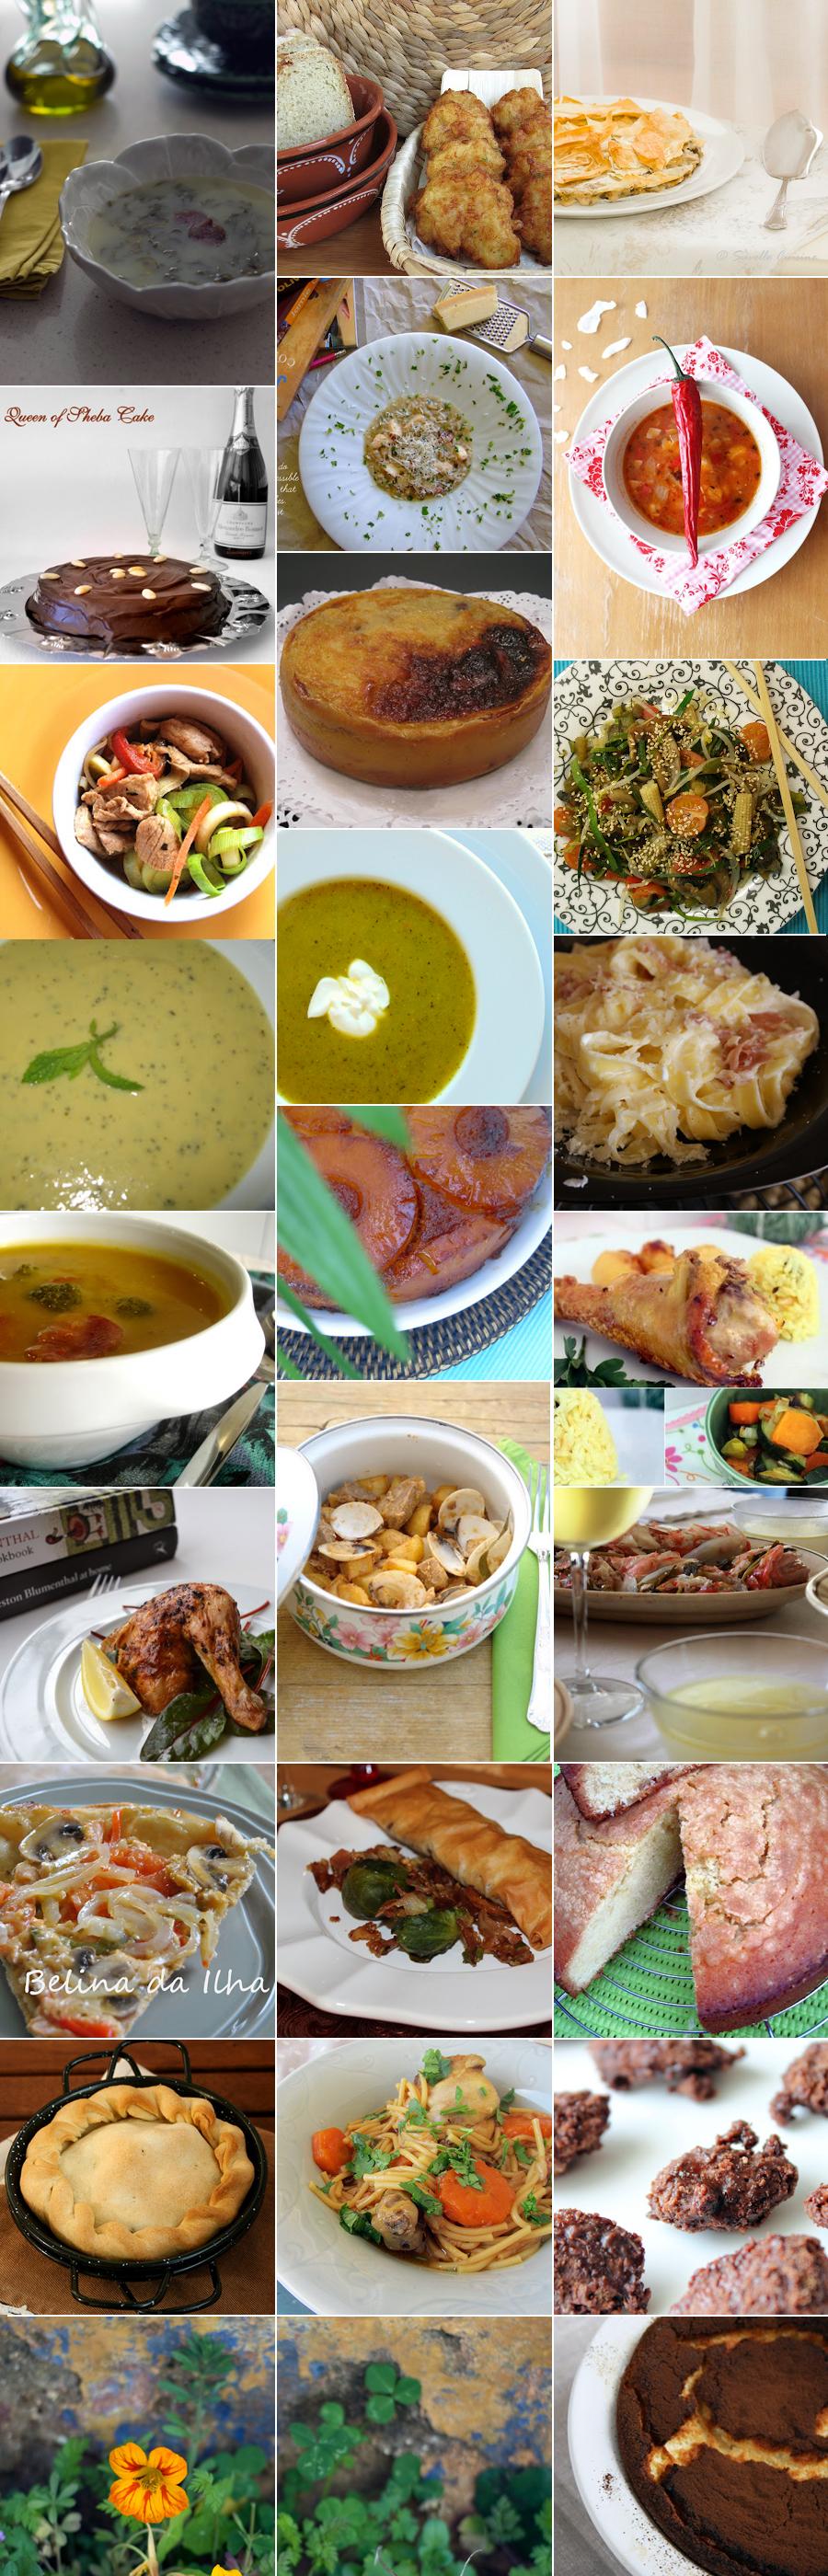 Convidei para jantar Chefs e Cozinheiros